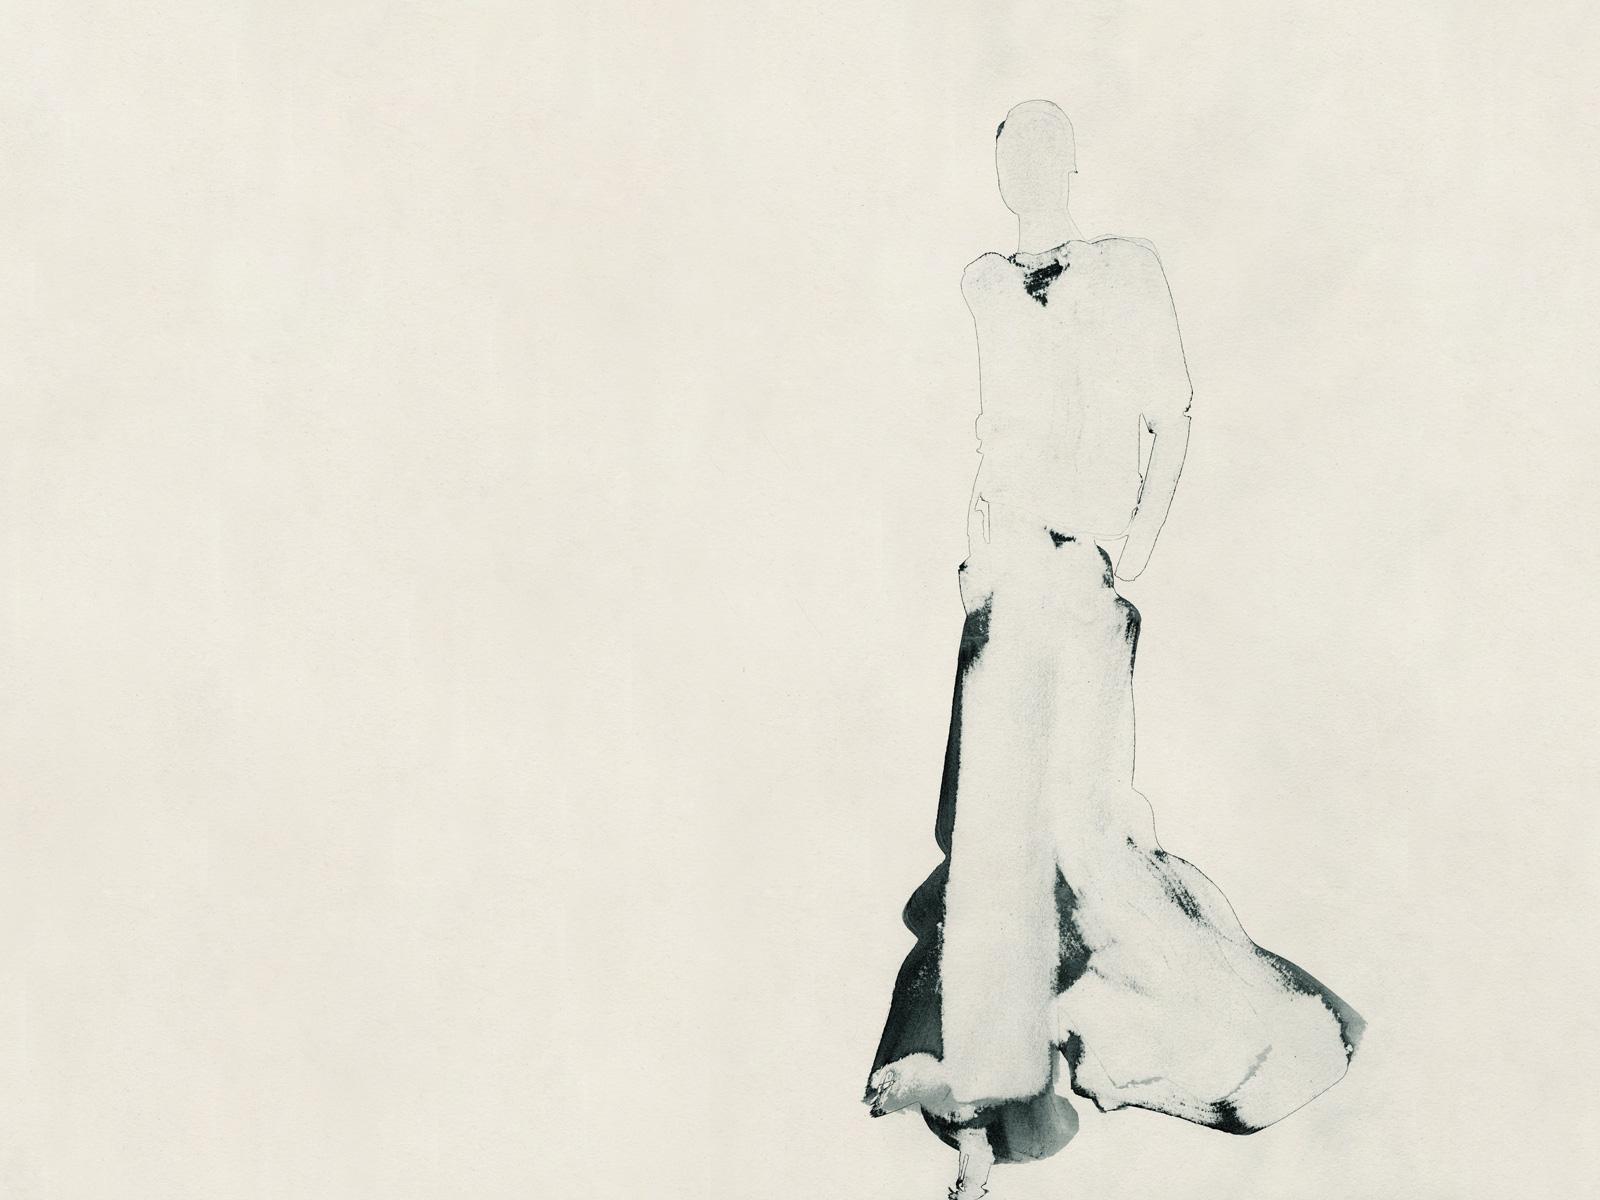 silhouette,_monotype-gfkvx7dhnlggd4eb8f38cdc3051b45a0feb328fdadb57cb13880.jpg